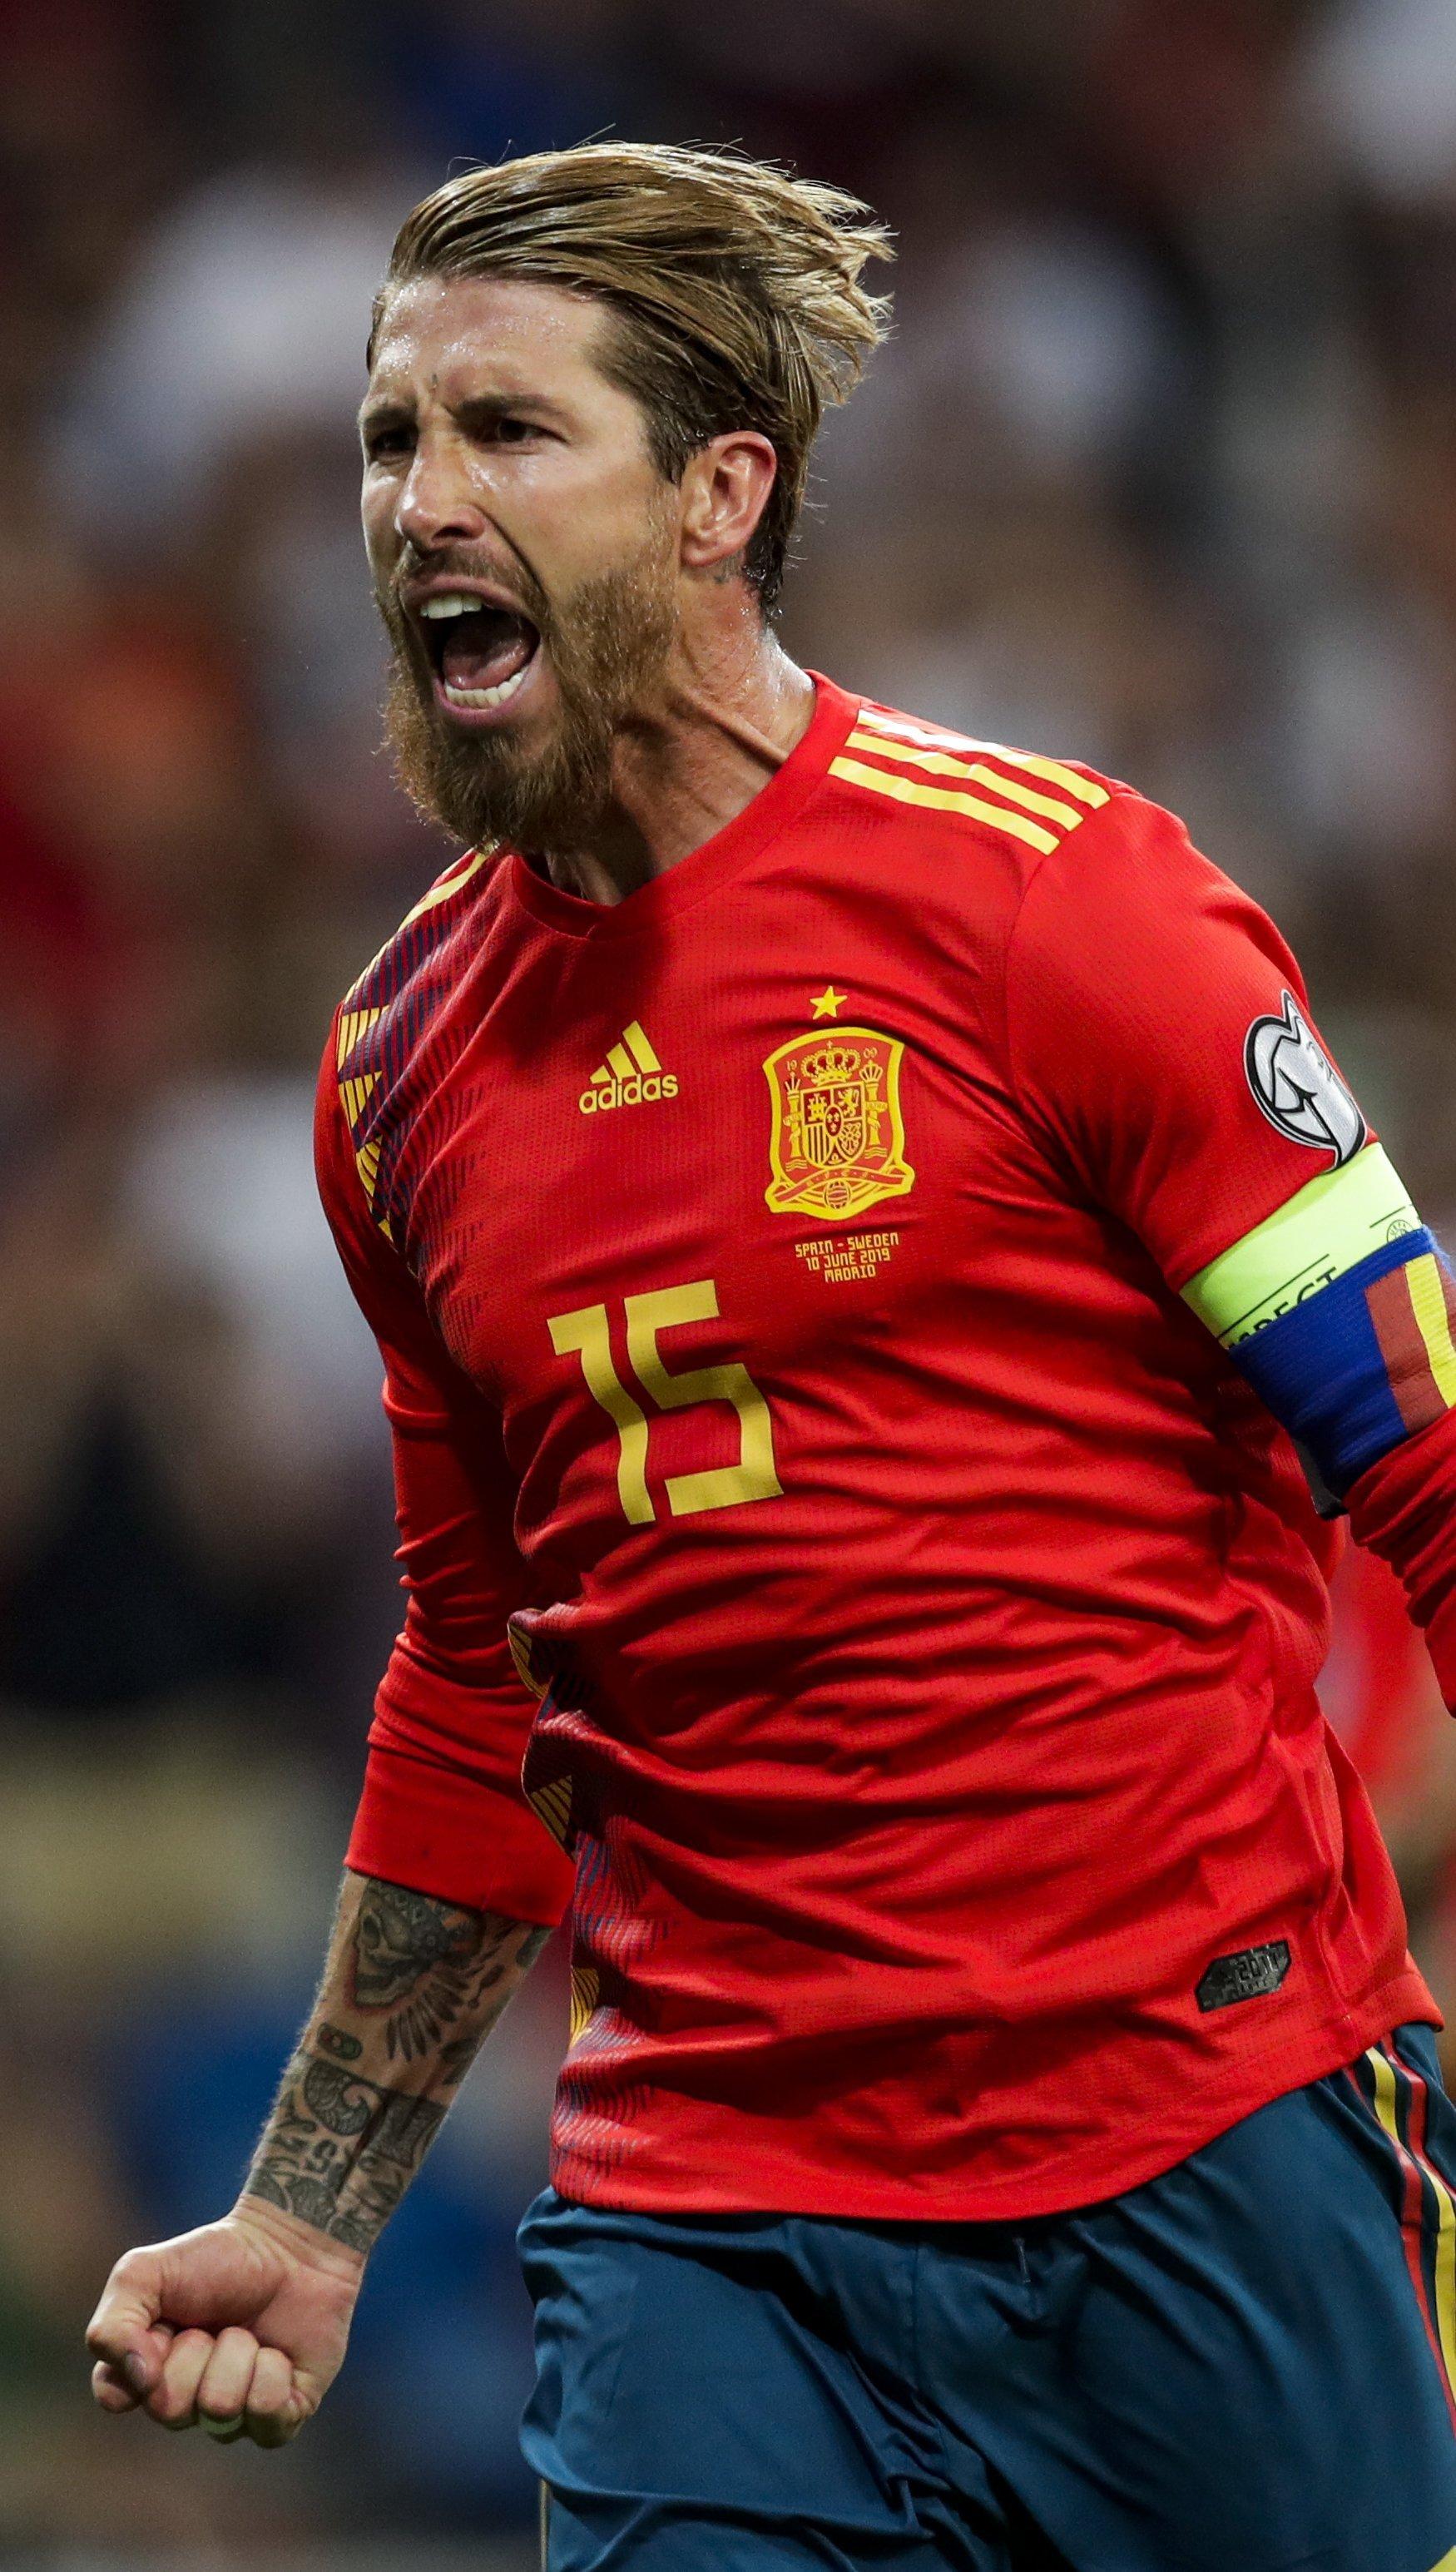 Fondos de pantalla Sergio Ramos en la Selección Española Vertical